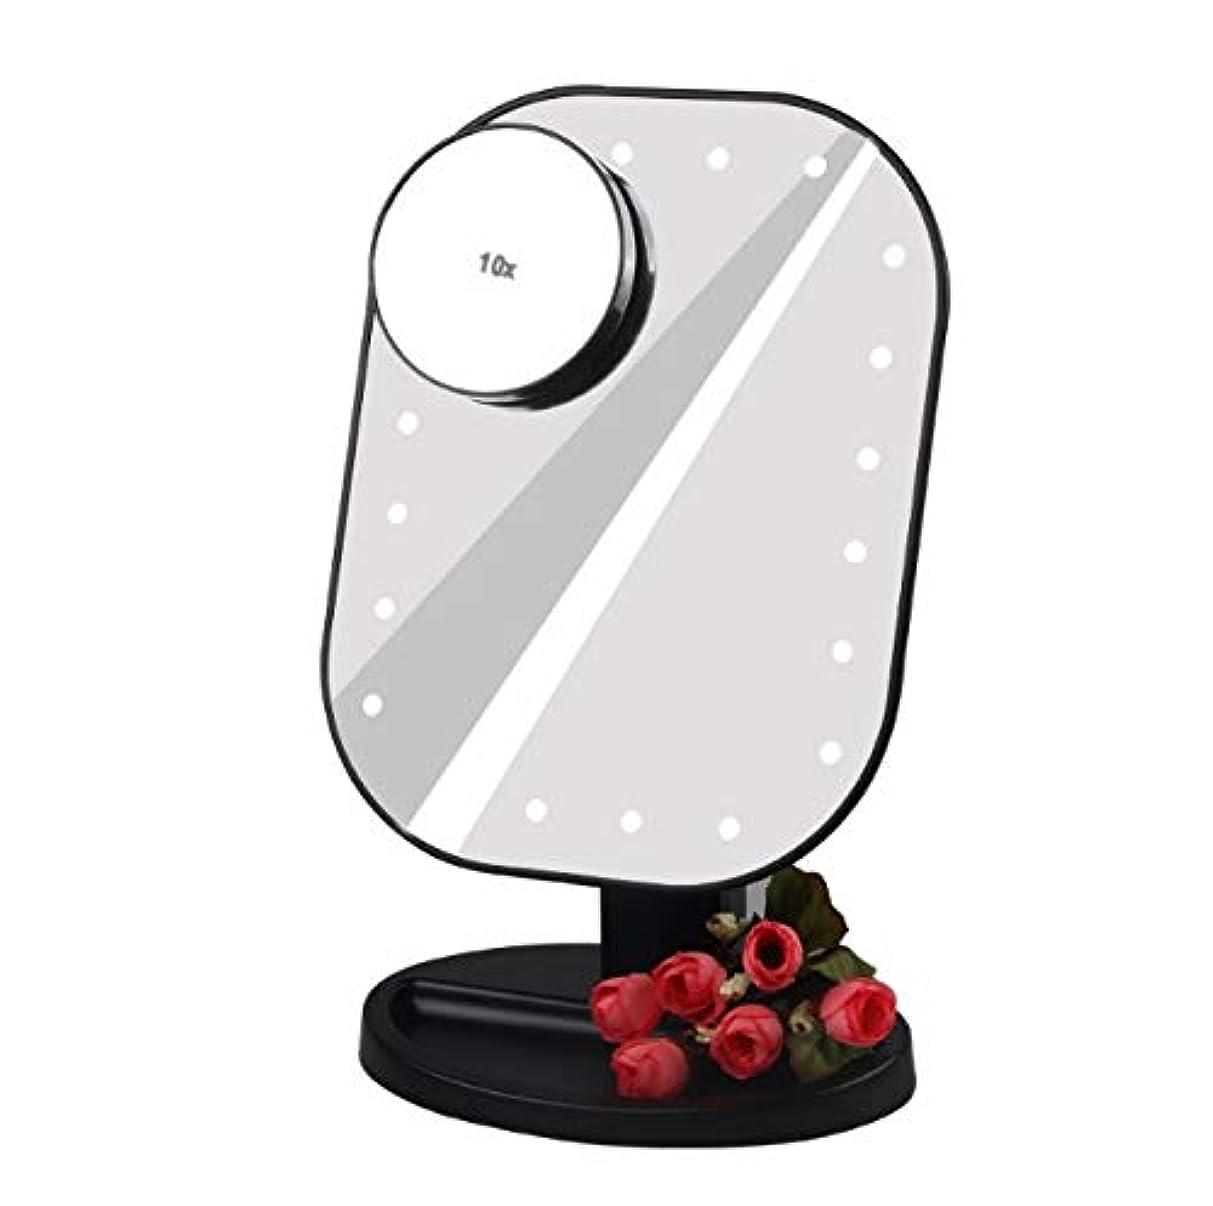 褒賞ほのか代わりにを立てる化粧鏡、ライト付き黒化粧鏡、倍率化粧ギフト付きUSB電源化粧鏡 (Color : ブラック)